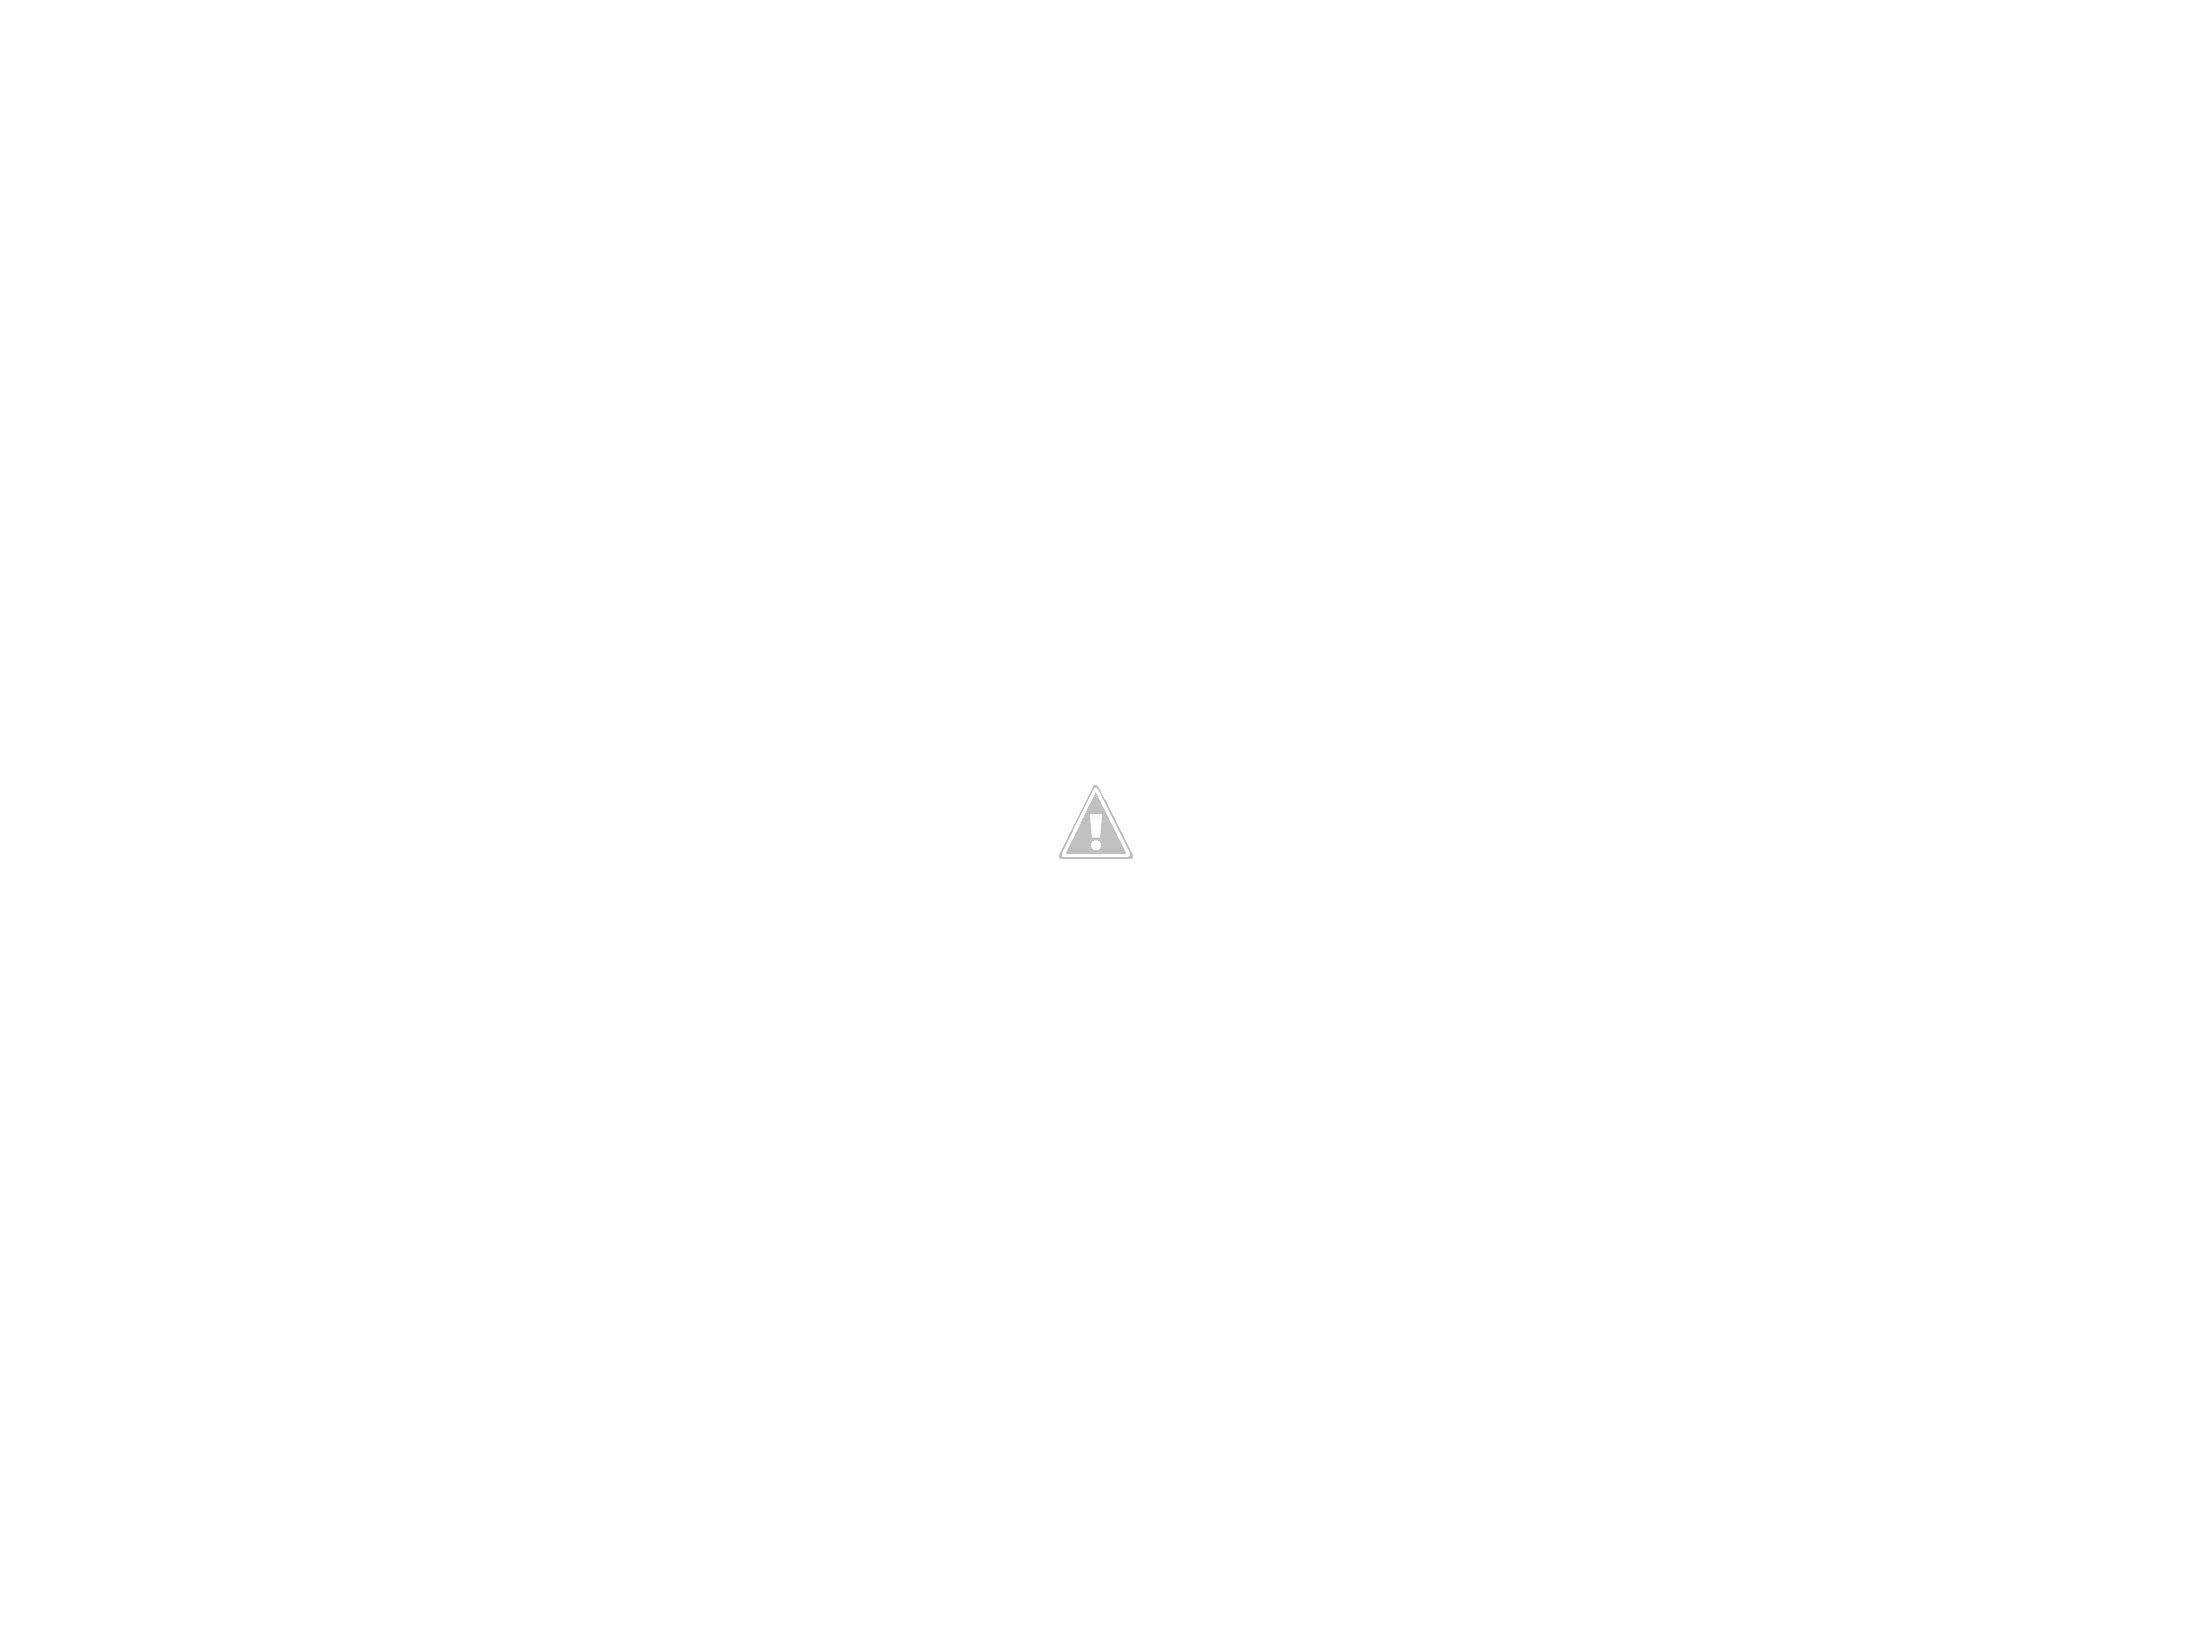 日本必買辻利茶舖抹茶捲-快趁Rakuten樂天雙11購物節來購,好康天天5折、樂天點數1點等於1元唷 @秤瓶樂遊遊